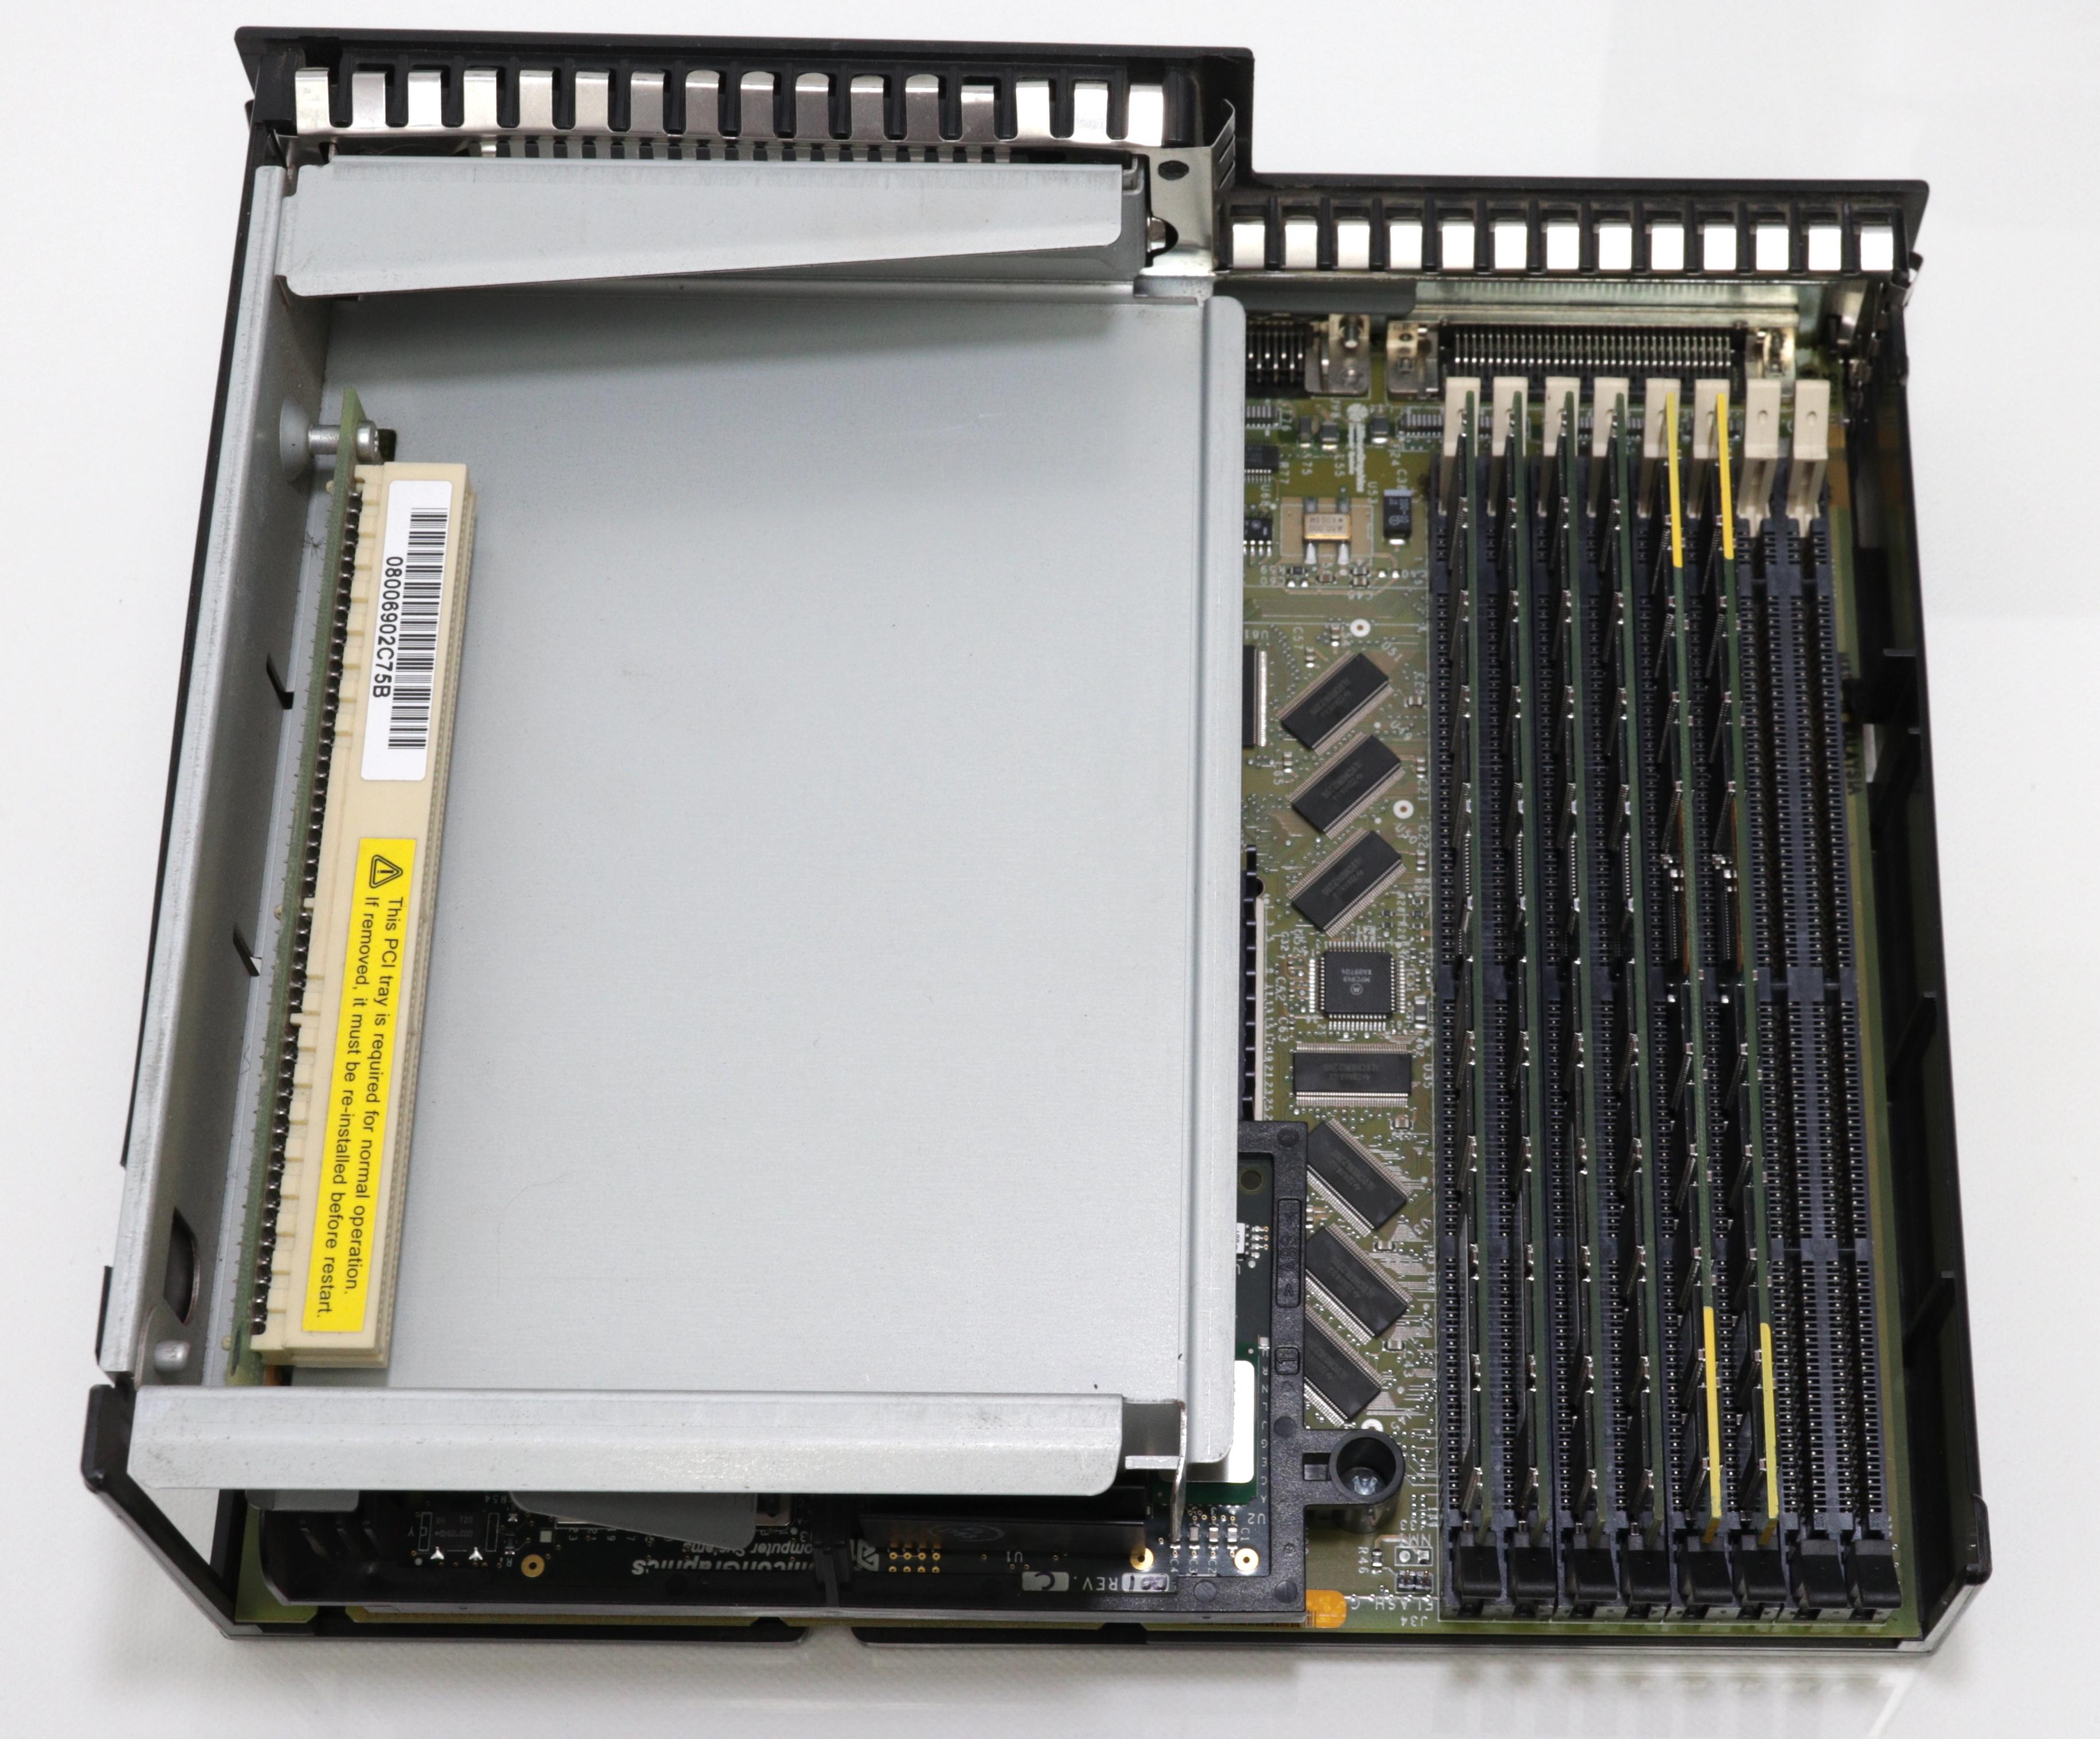 PCI, RAM